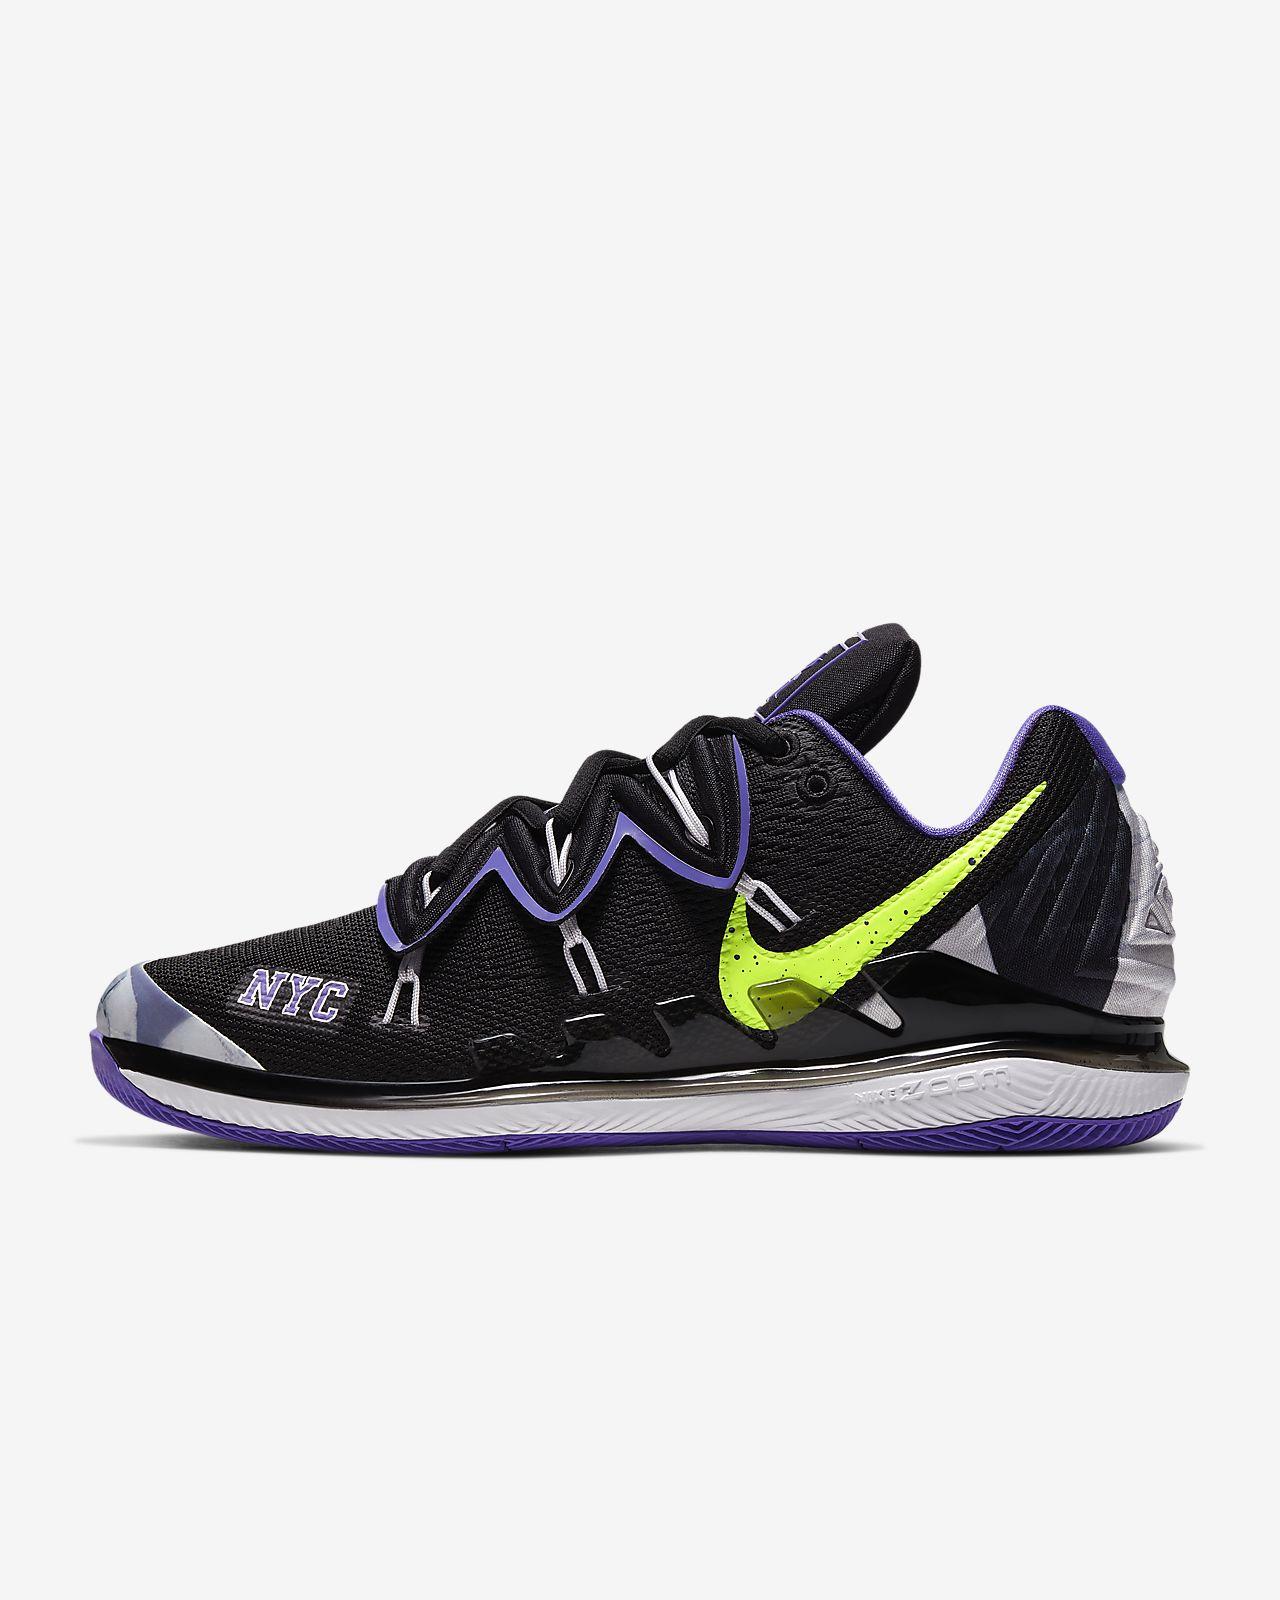 NikeCourt Air Zoom Vapor X Kyrie 5 Hardcourt tennisschoen voor heren